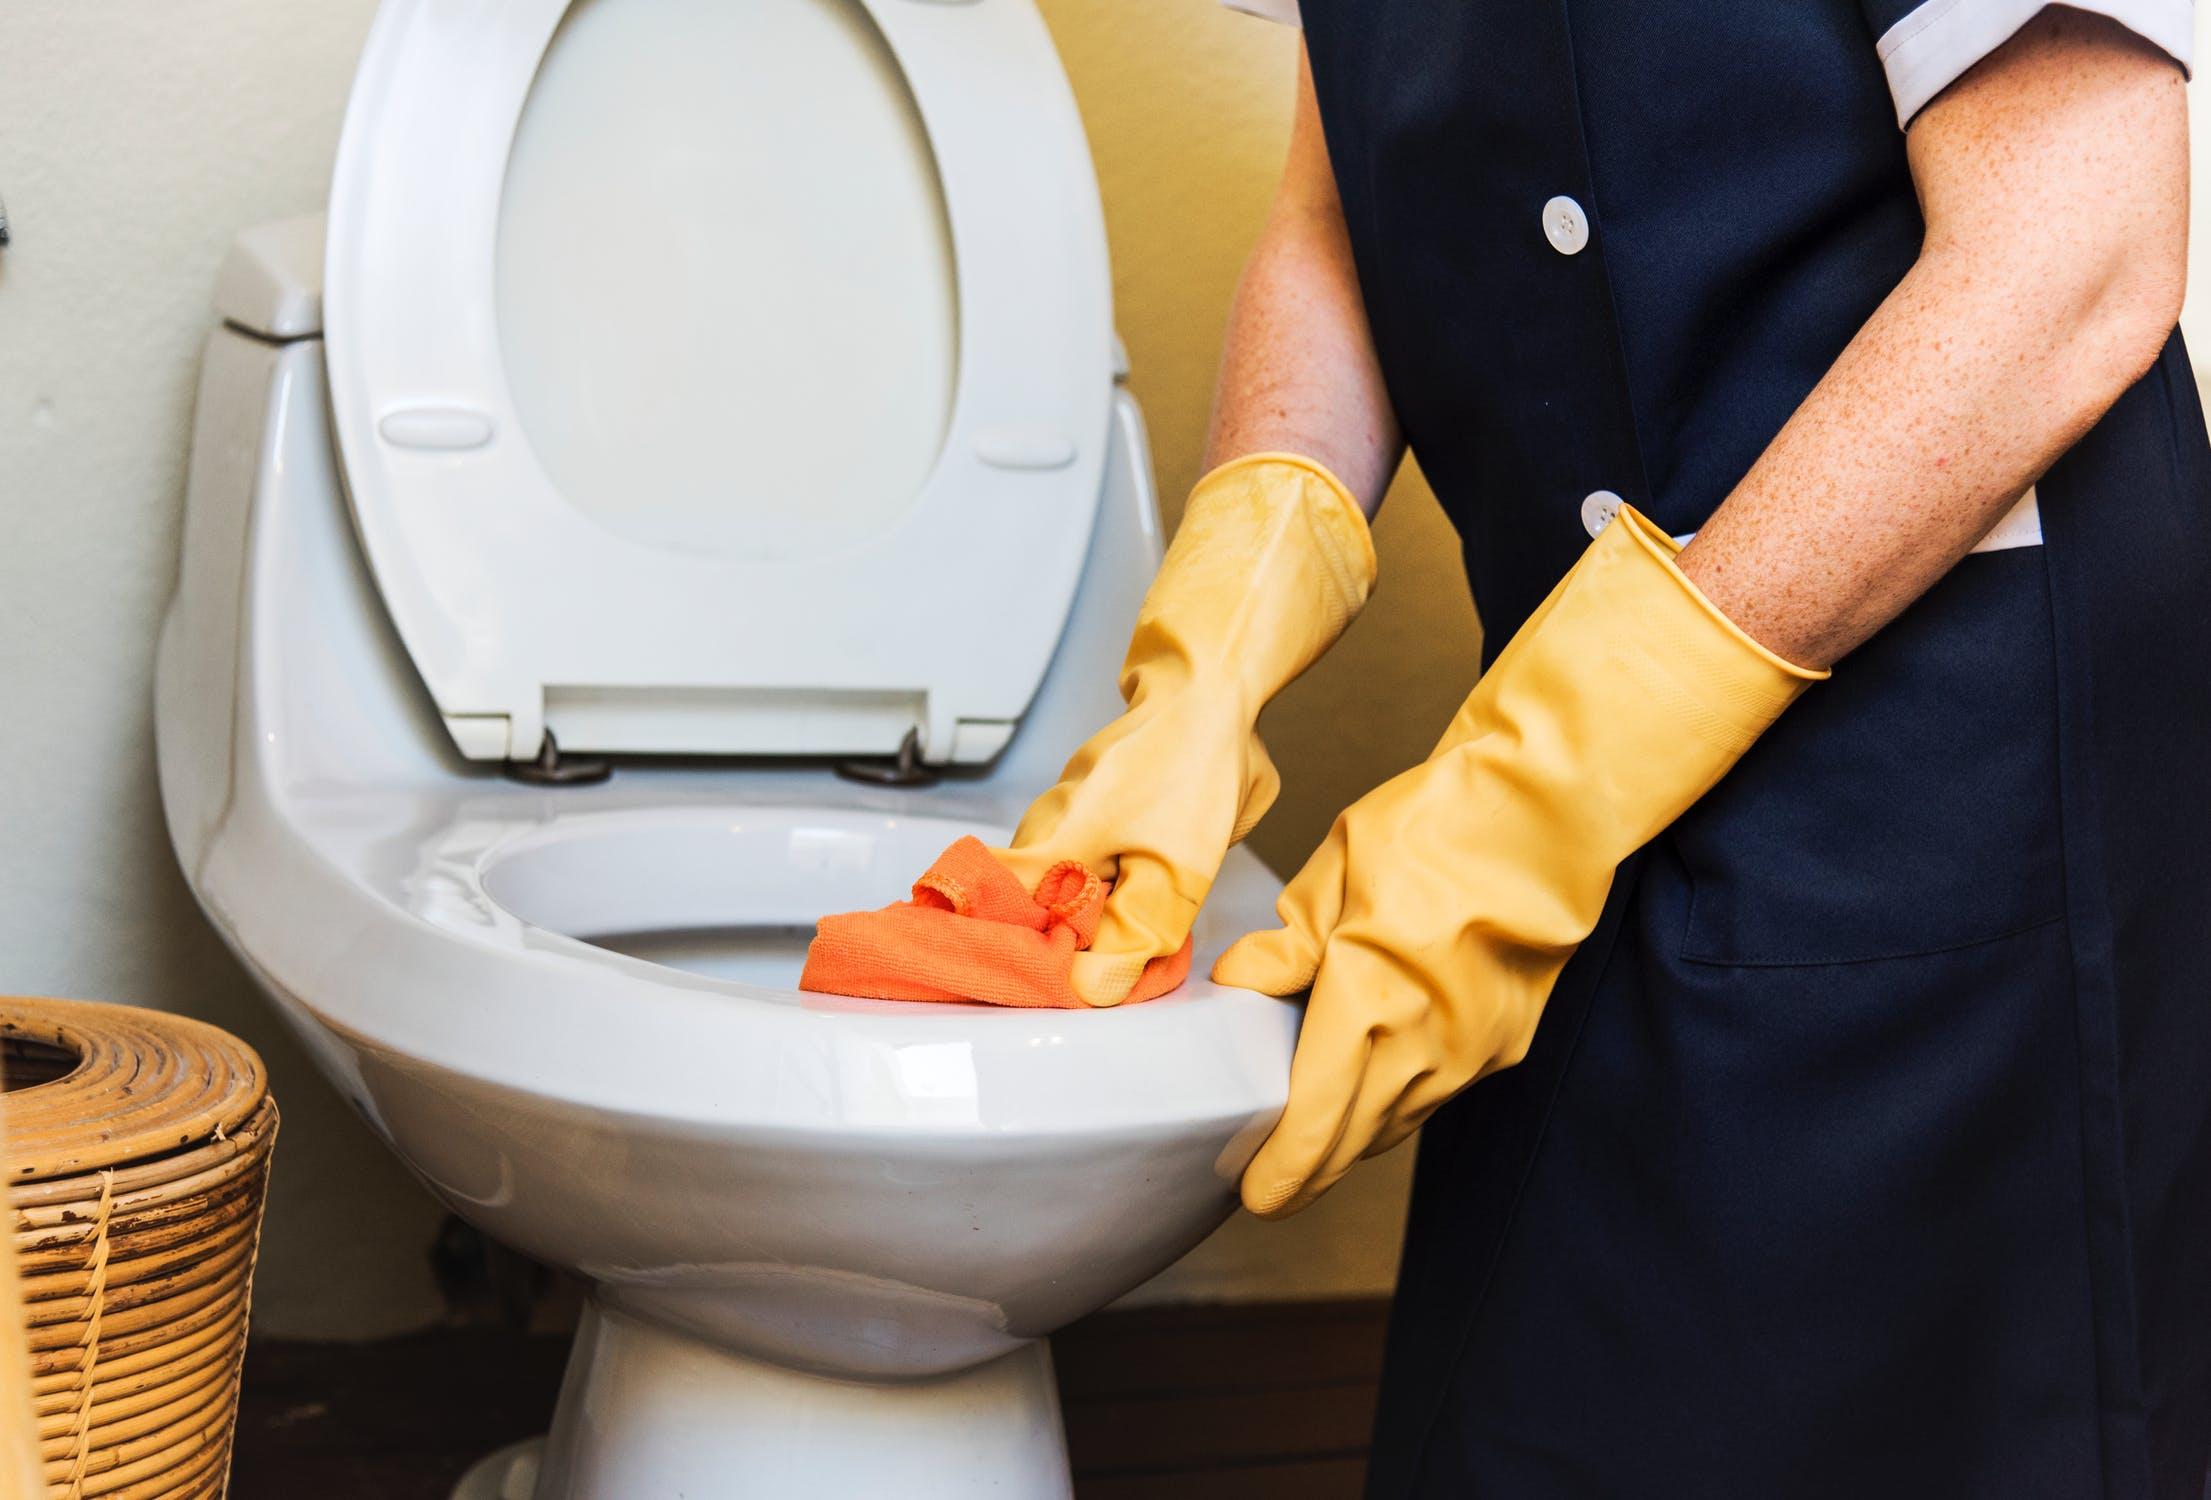 Hoe ontstop ik mijn wc of riolering in Alkmaar en omstreken?